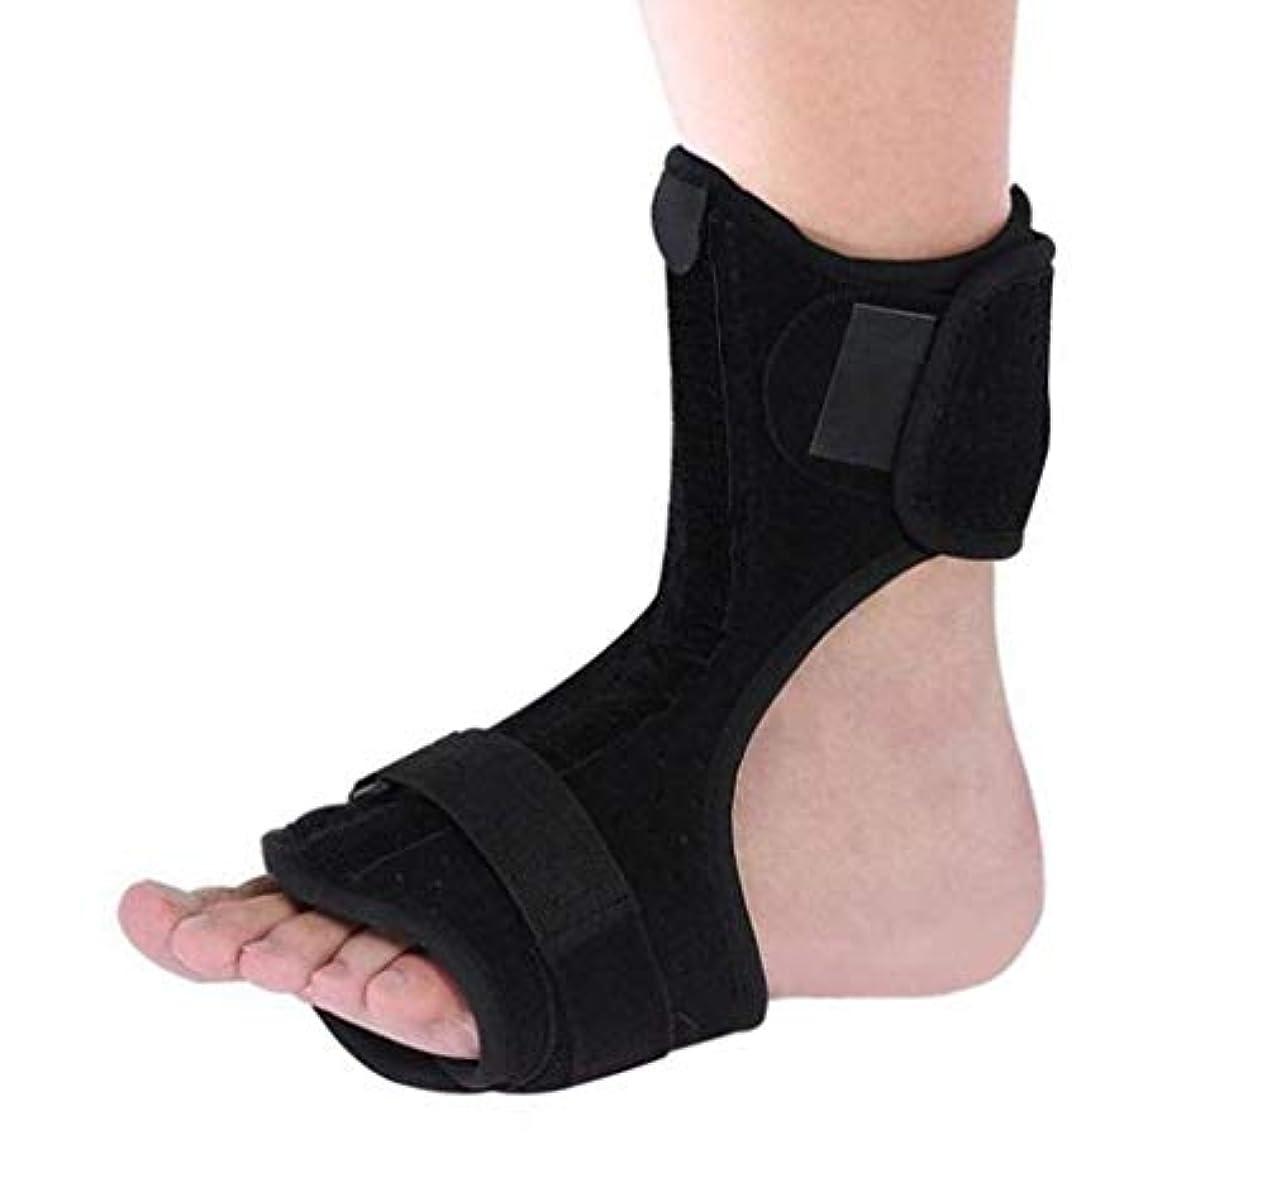 仮称取るに足らない統治する足首固定ブラケット、足首装具ブレース、足関節固定装具、アキレス腱手術足首関節術後ケアブレース